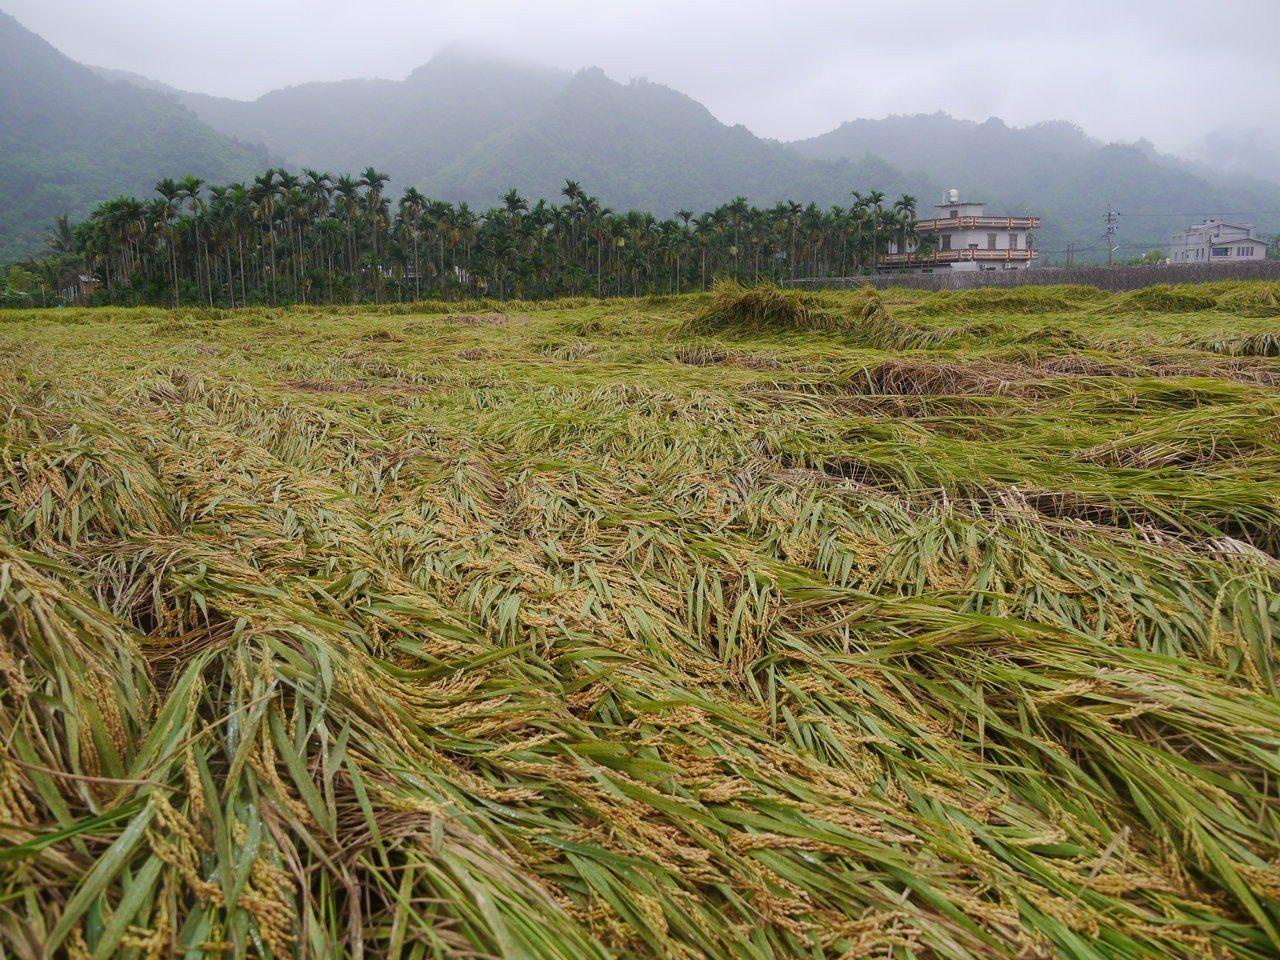 美濃稻田損失慘重,福安地區一處即將採收的稻米幾乎全數倒伏在地。記者徐白櫻/攝影